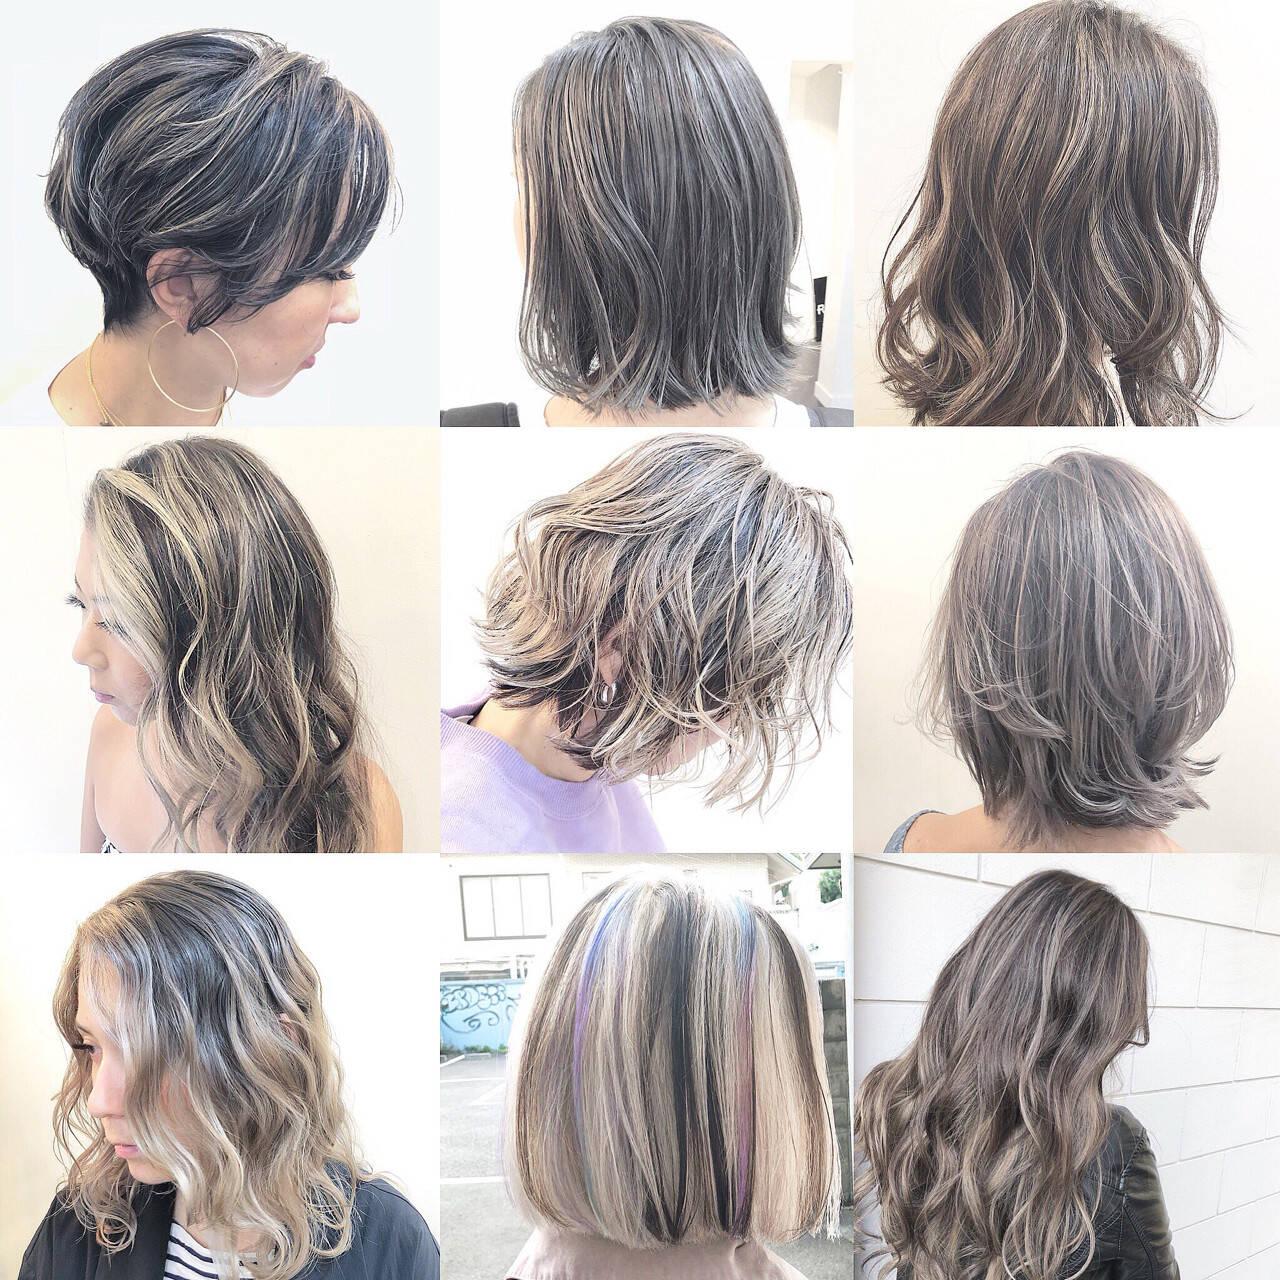 グラデーションカラー ストリート ハイライト スポーツヘアスタイルや髪型の写真・画像